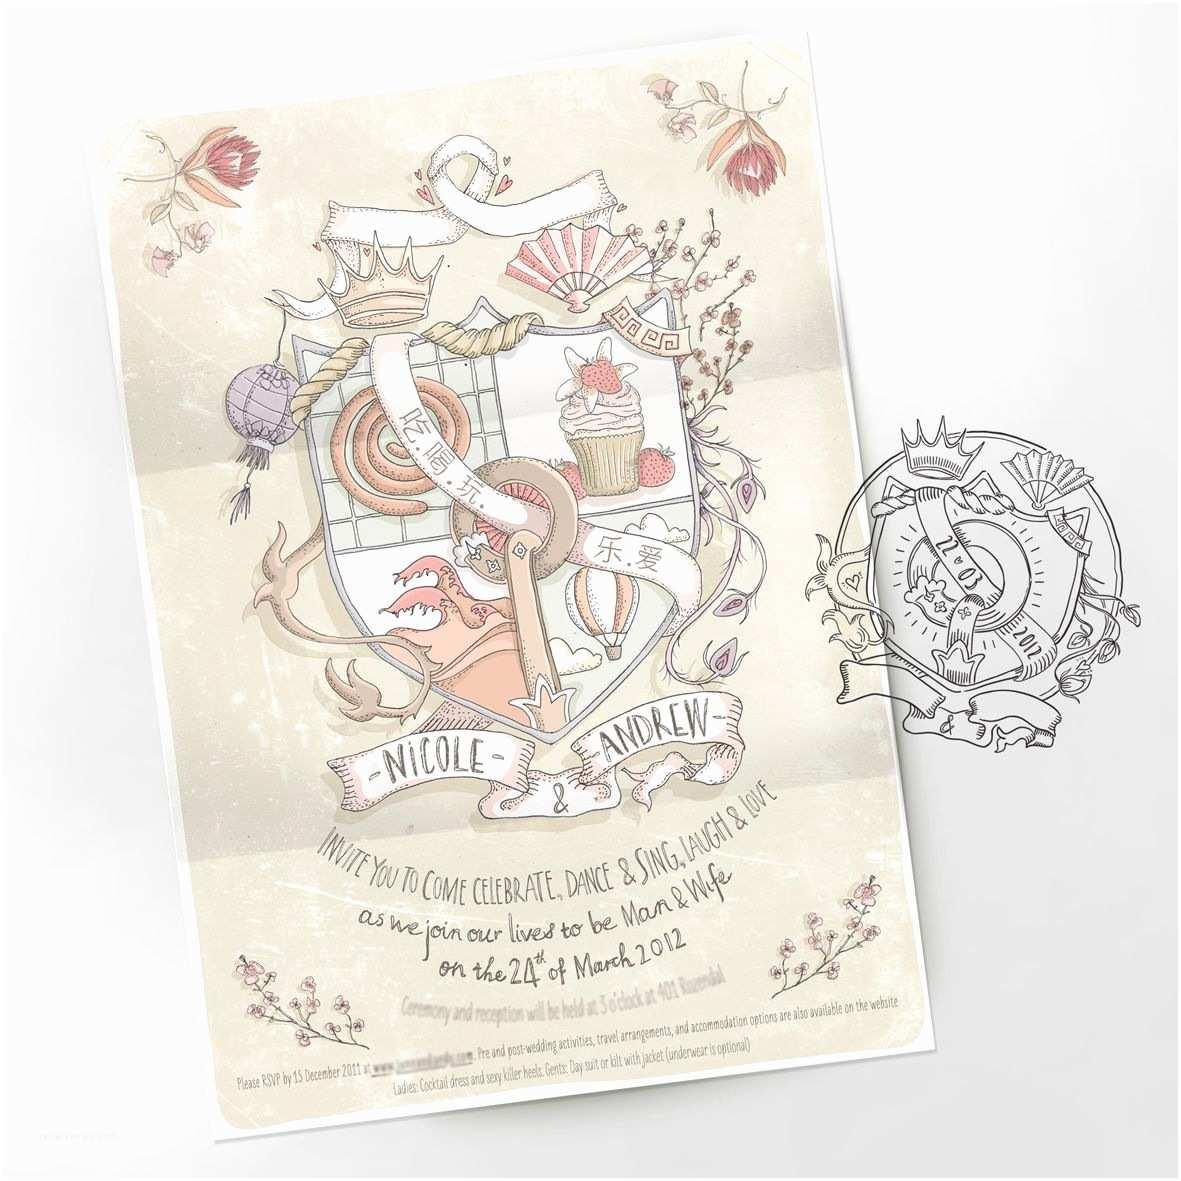 Illustrated Wedding Invitations Custom Illustrated Wedding Invitations From